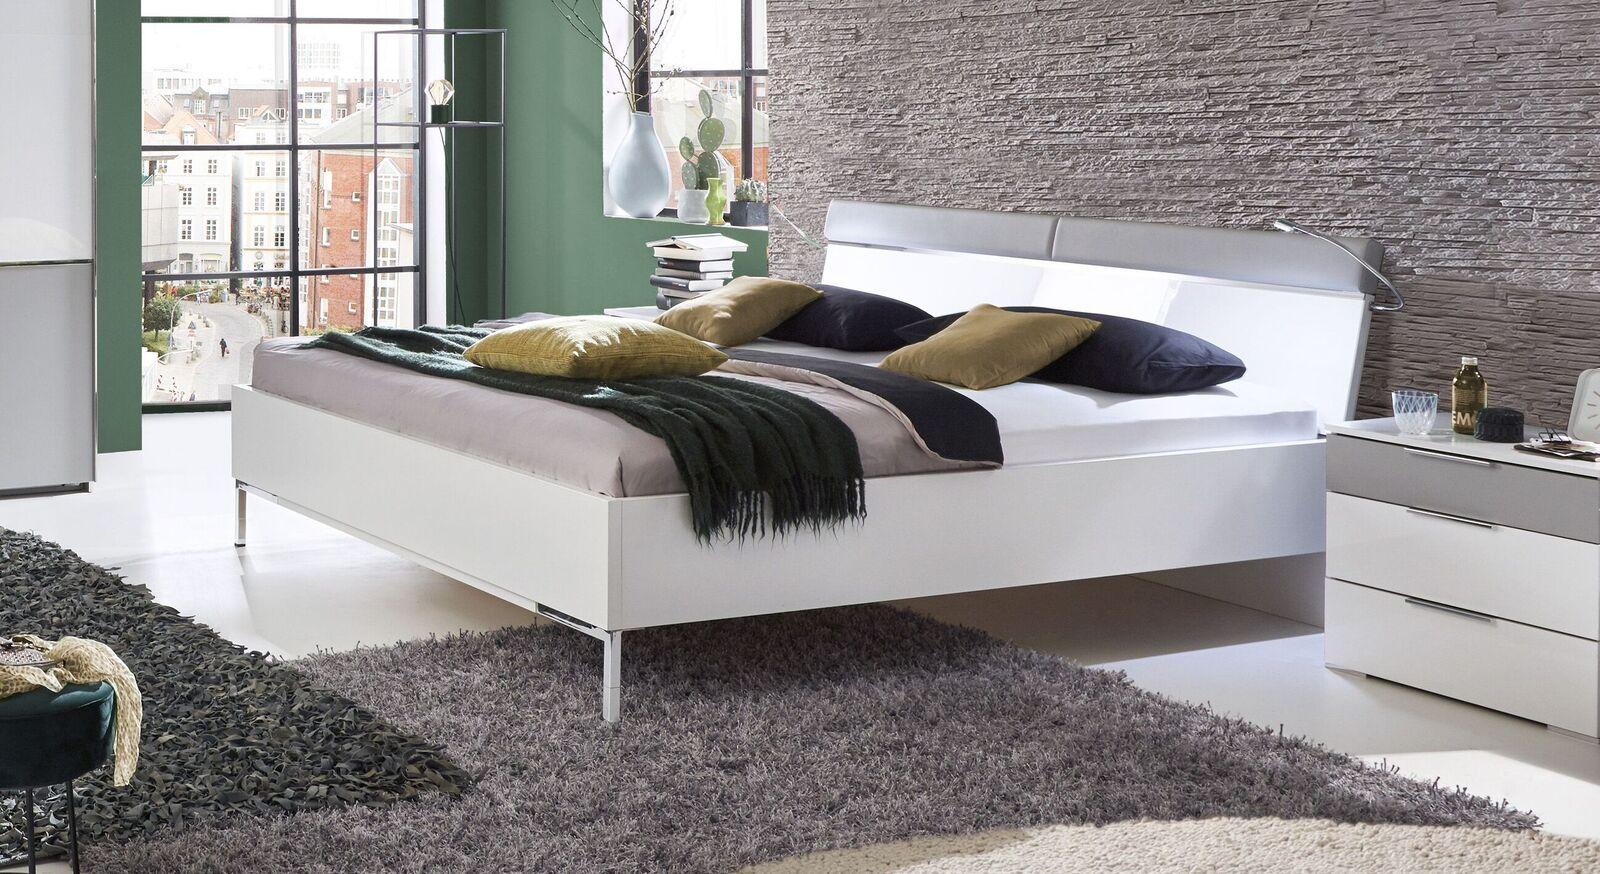 Weißes Bett Florice mit hellgrauem Kunstleder